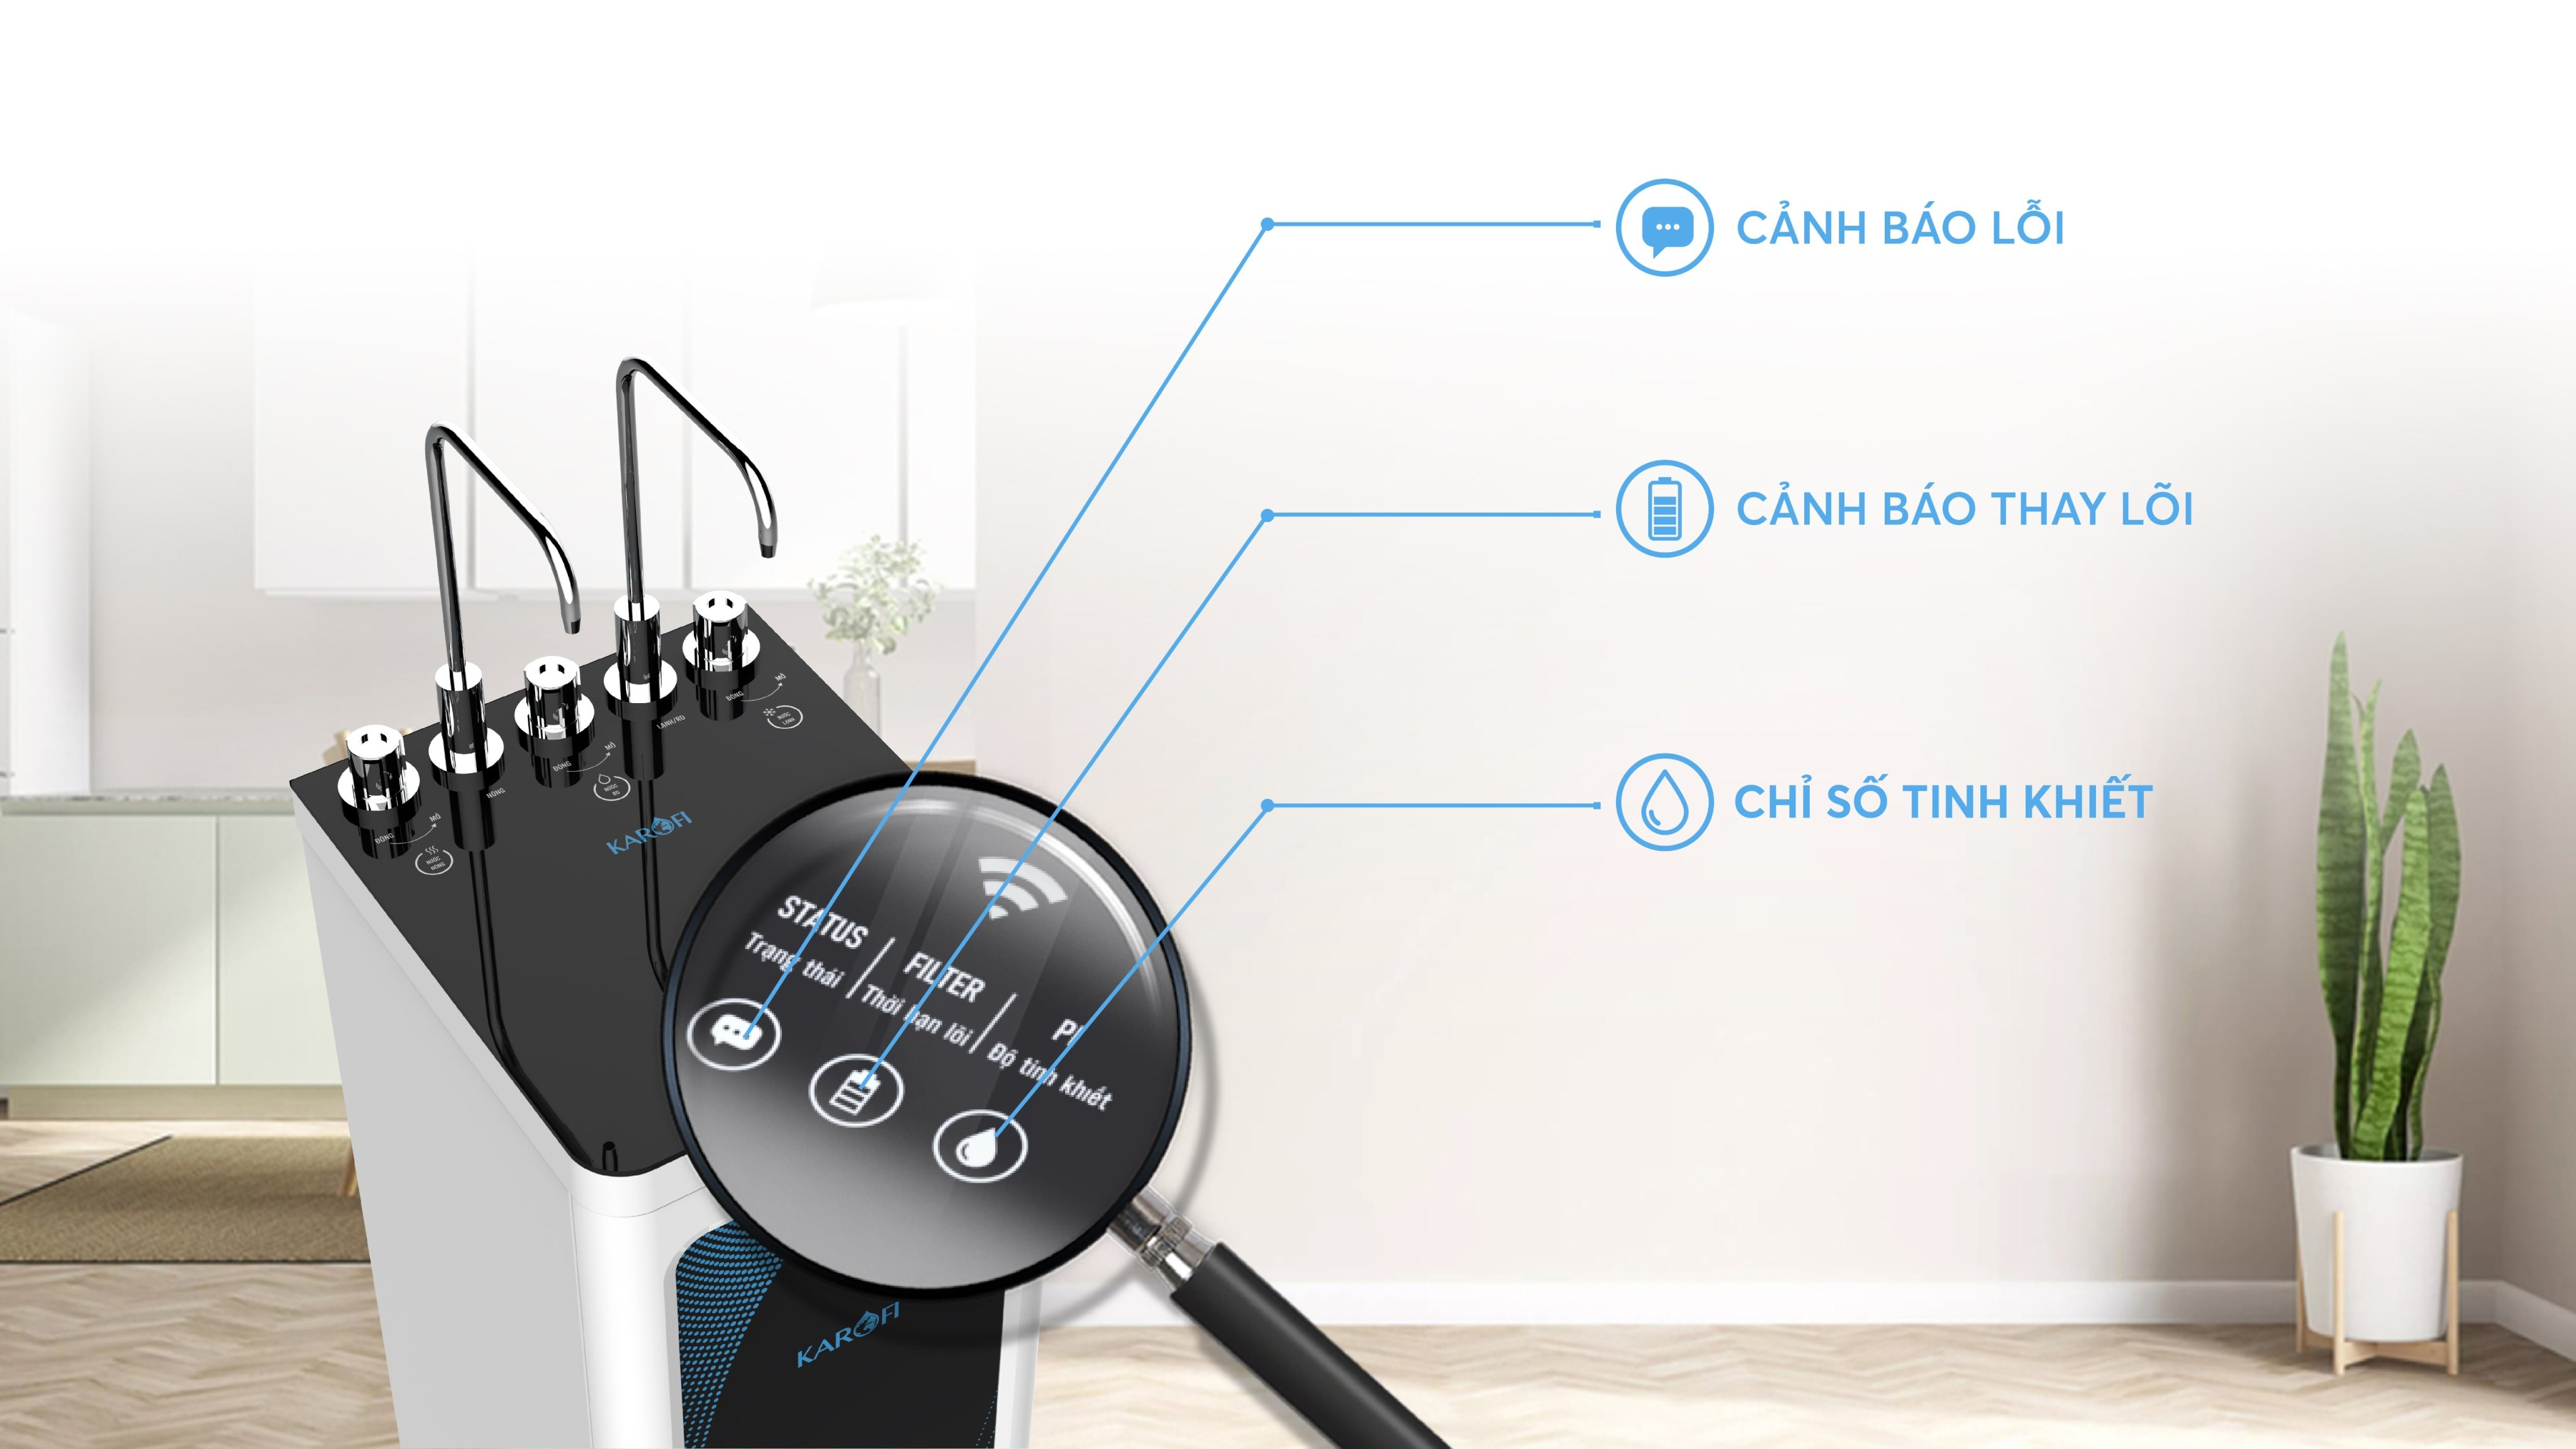 máy lọc nước karofi kad-d52 giá rẻ